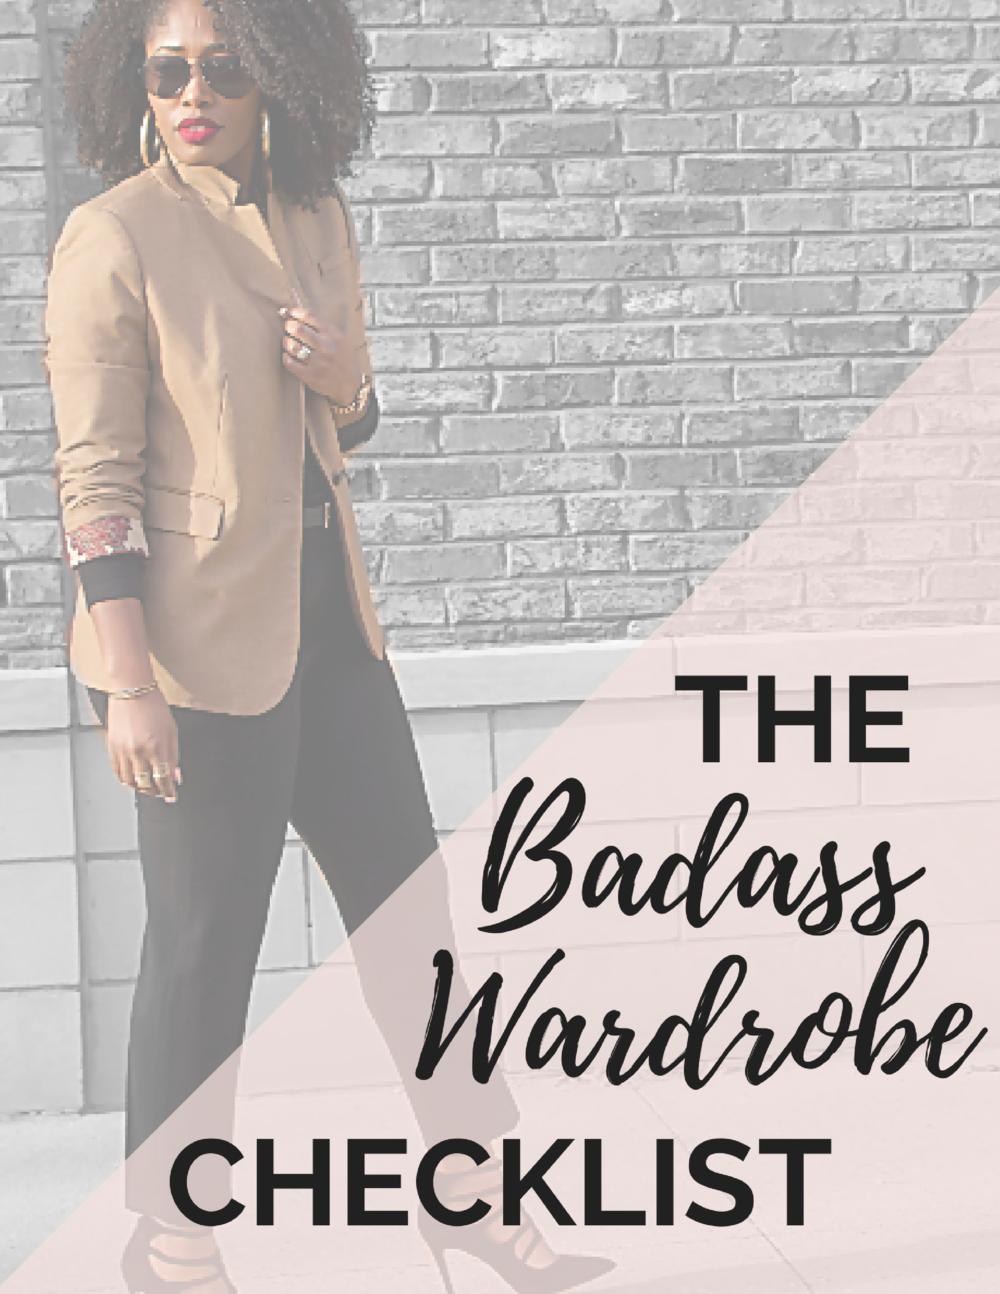 Badass Wardrobe Checklist.png